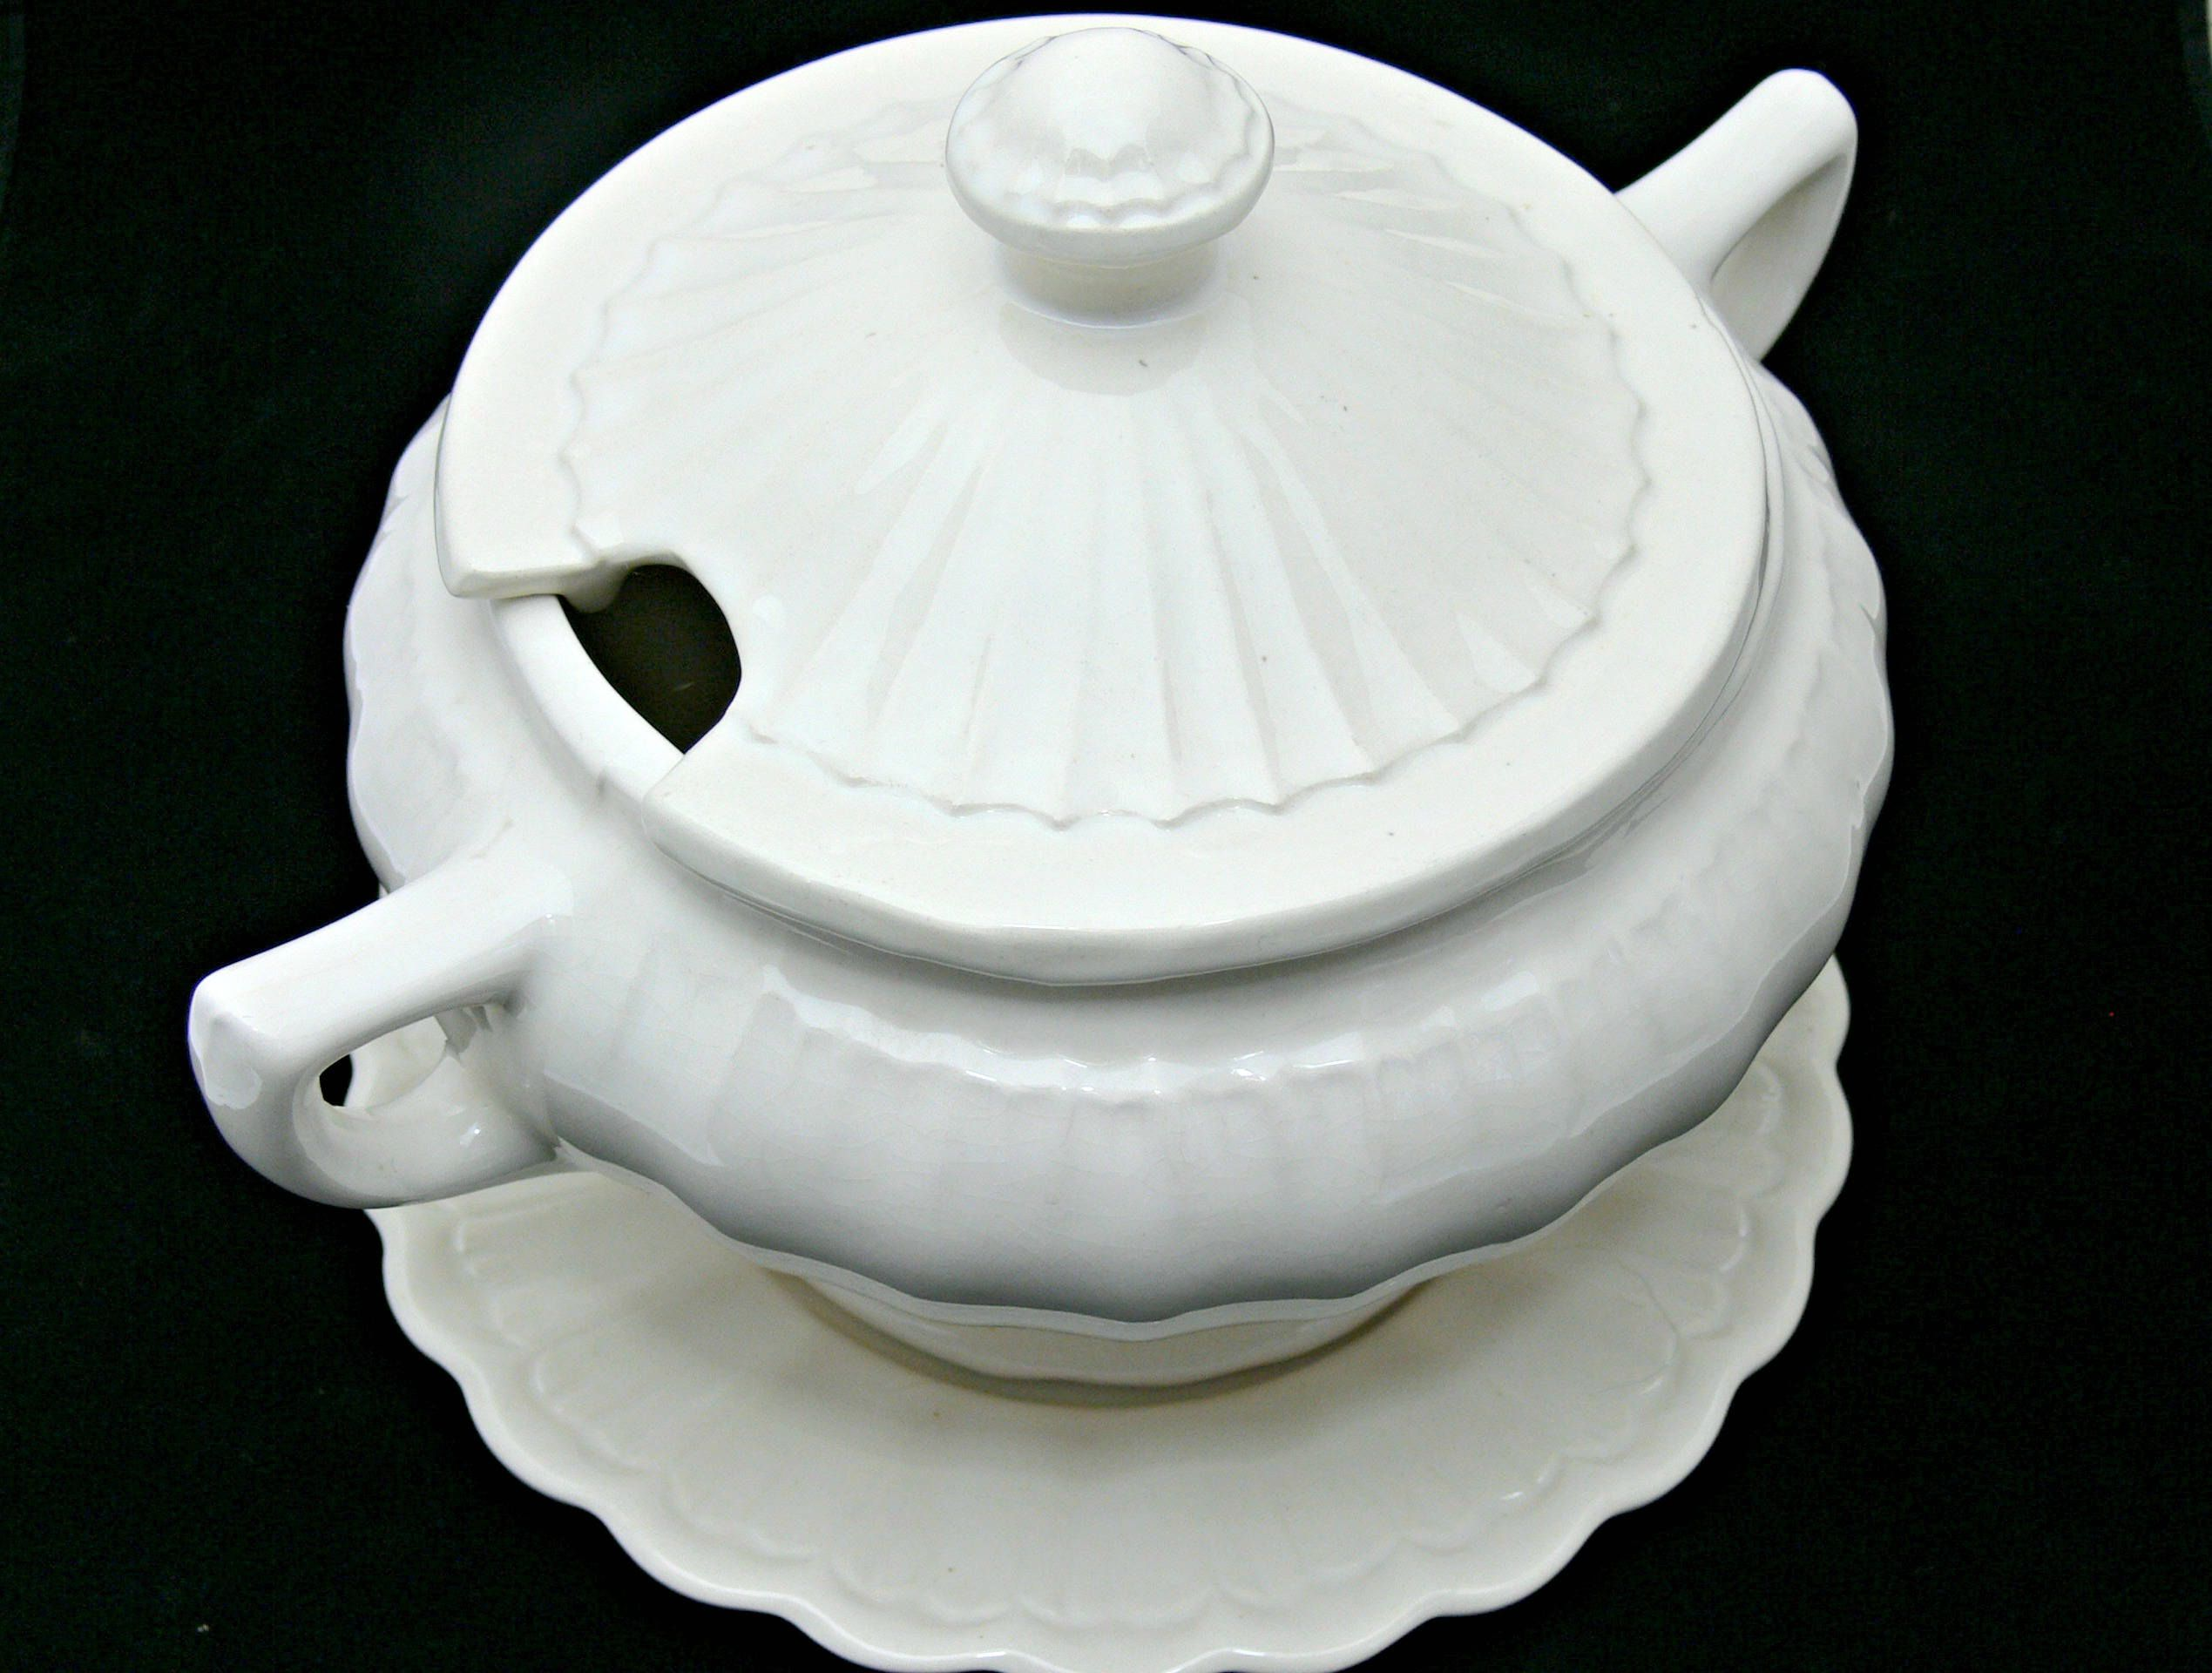 White Soup Tureen - Vintage California USA Pottery - Farmhouse ...